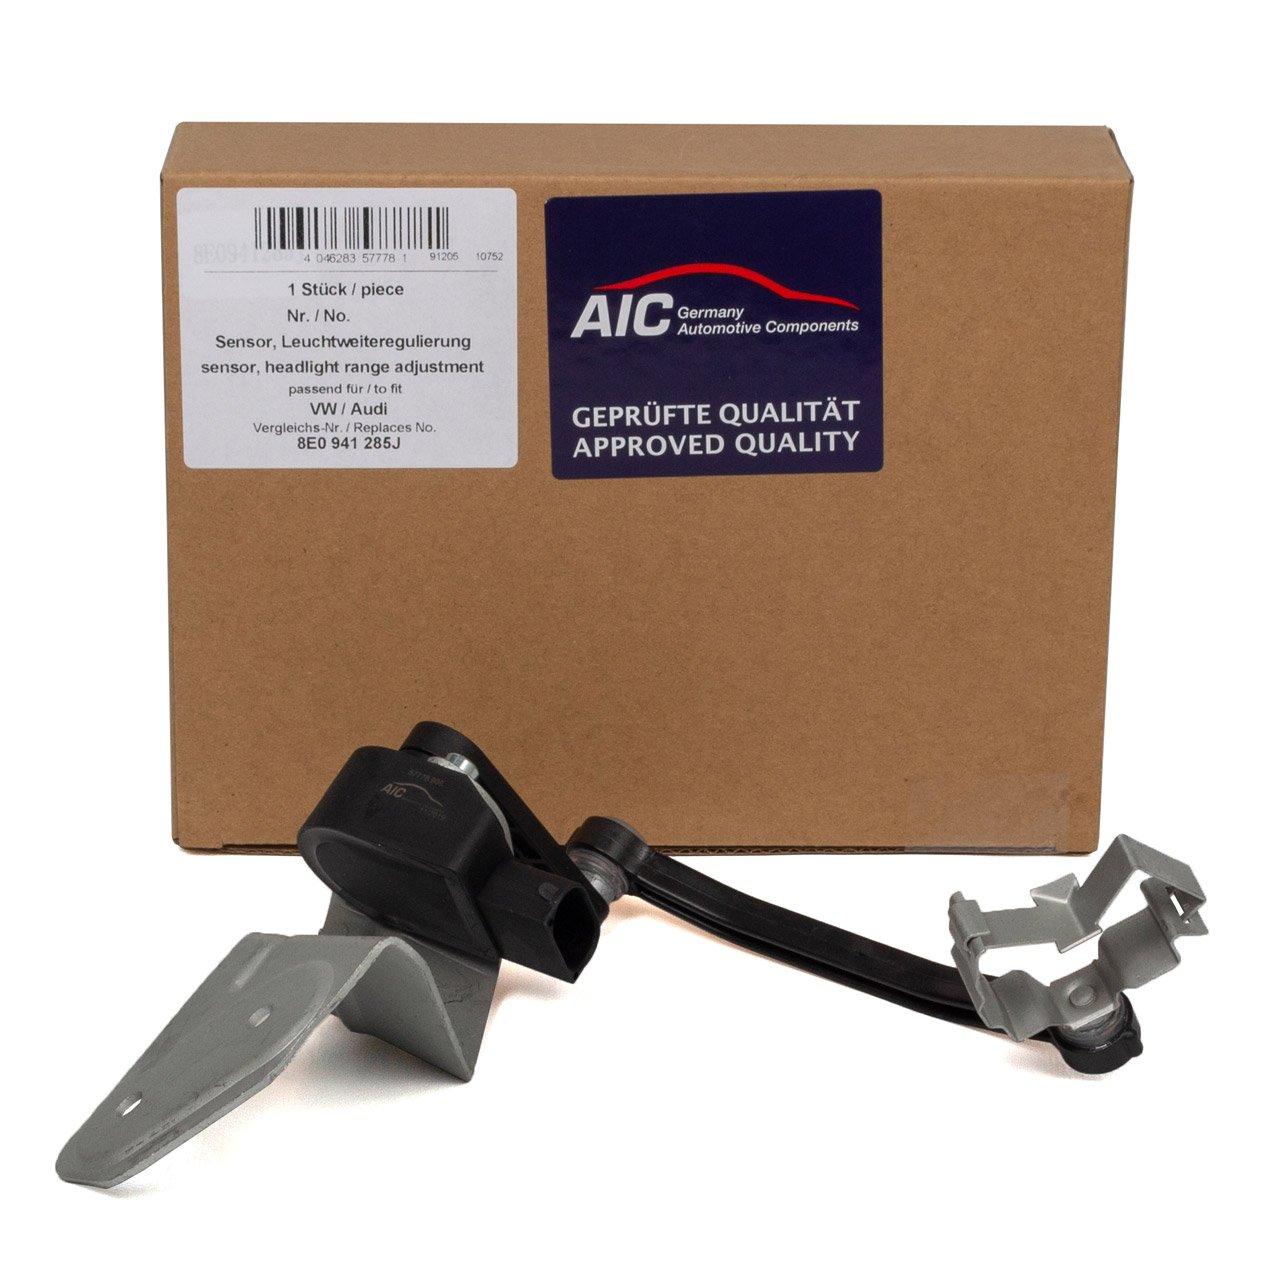 AIC Sensor Leuchtweitenregulierung XENON AUDI A4 B6 Cabrio B7 SEAT Exeo 8E0941285J